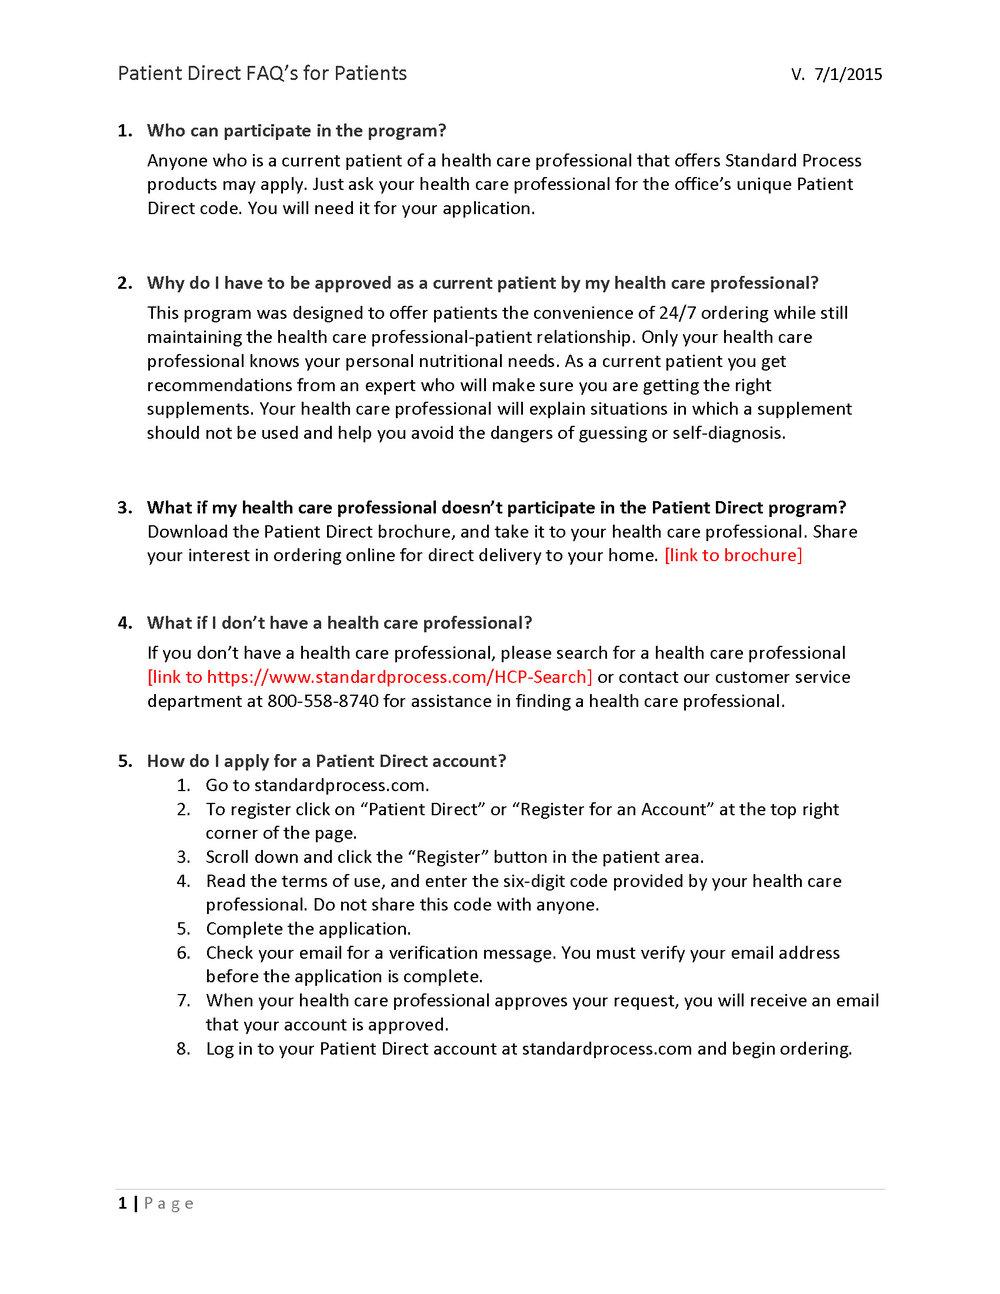 FAQs_Page_1.jpg